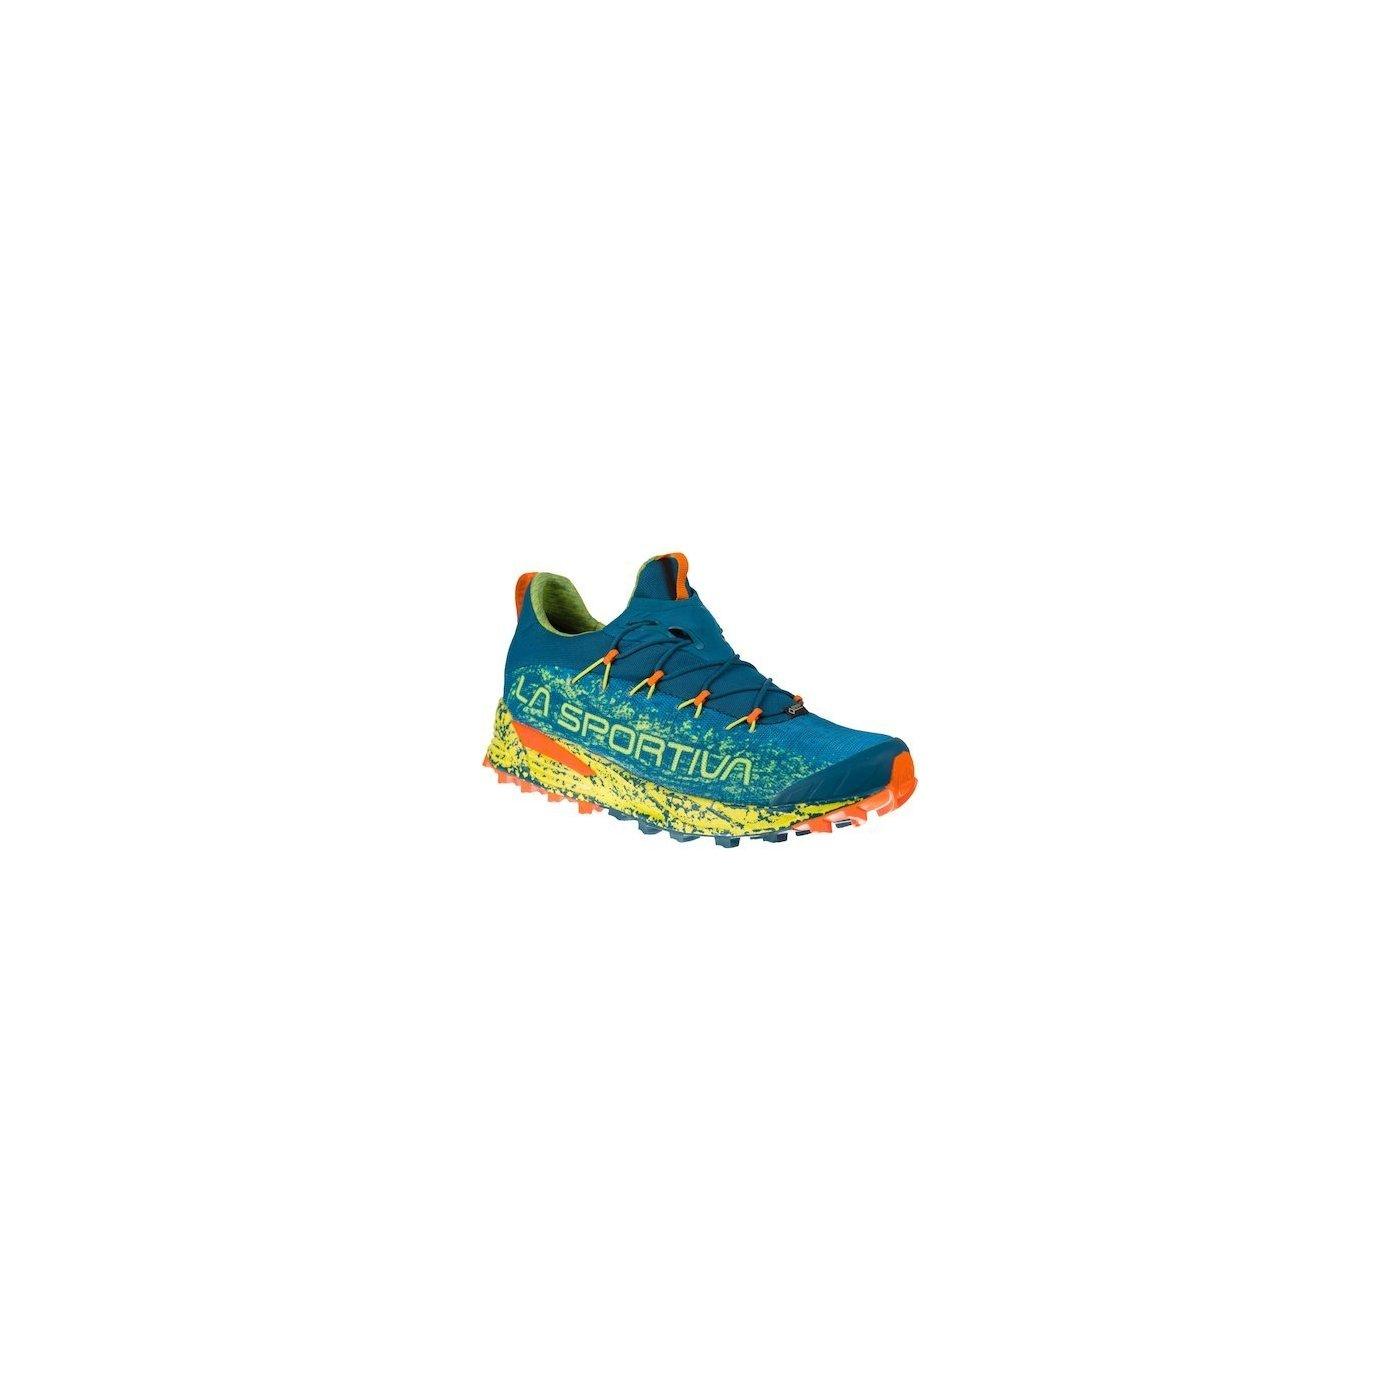 La Sportiva Tempesta GTX Black/Butter, Zapatillas de Trail Running Unisex Adulto 36F999104